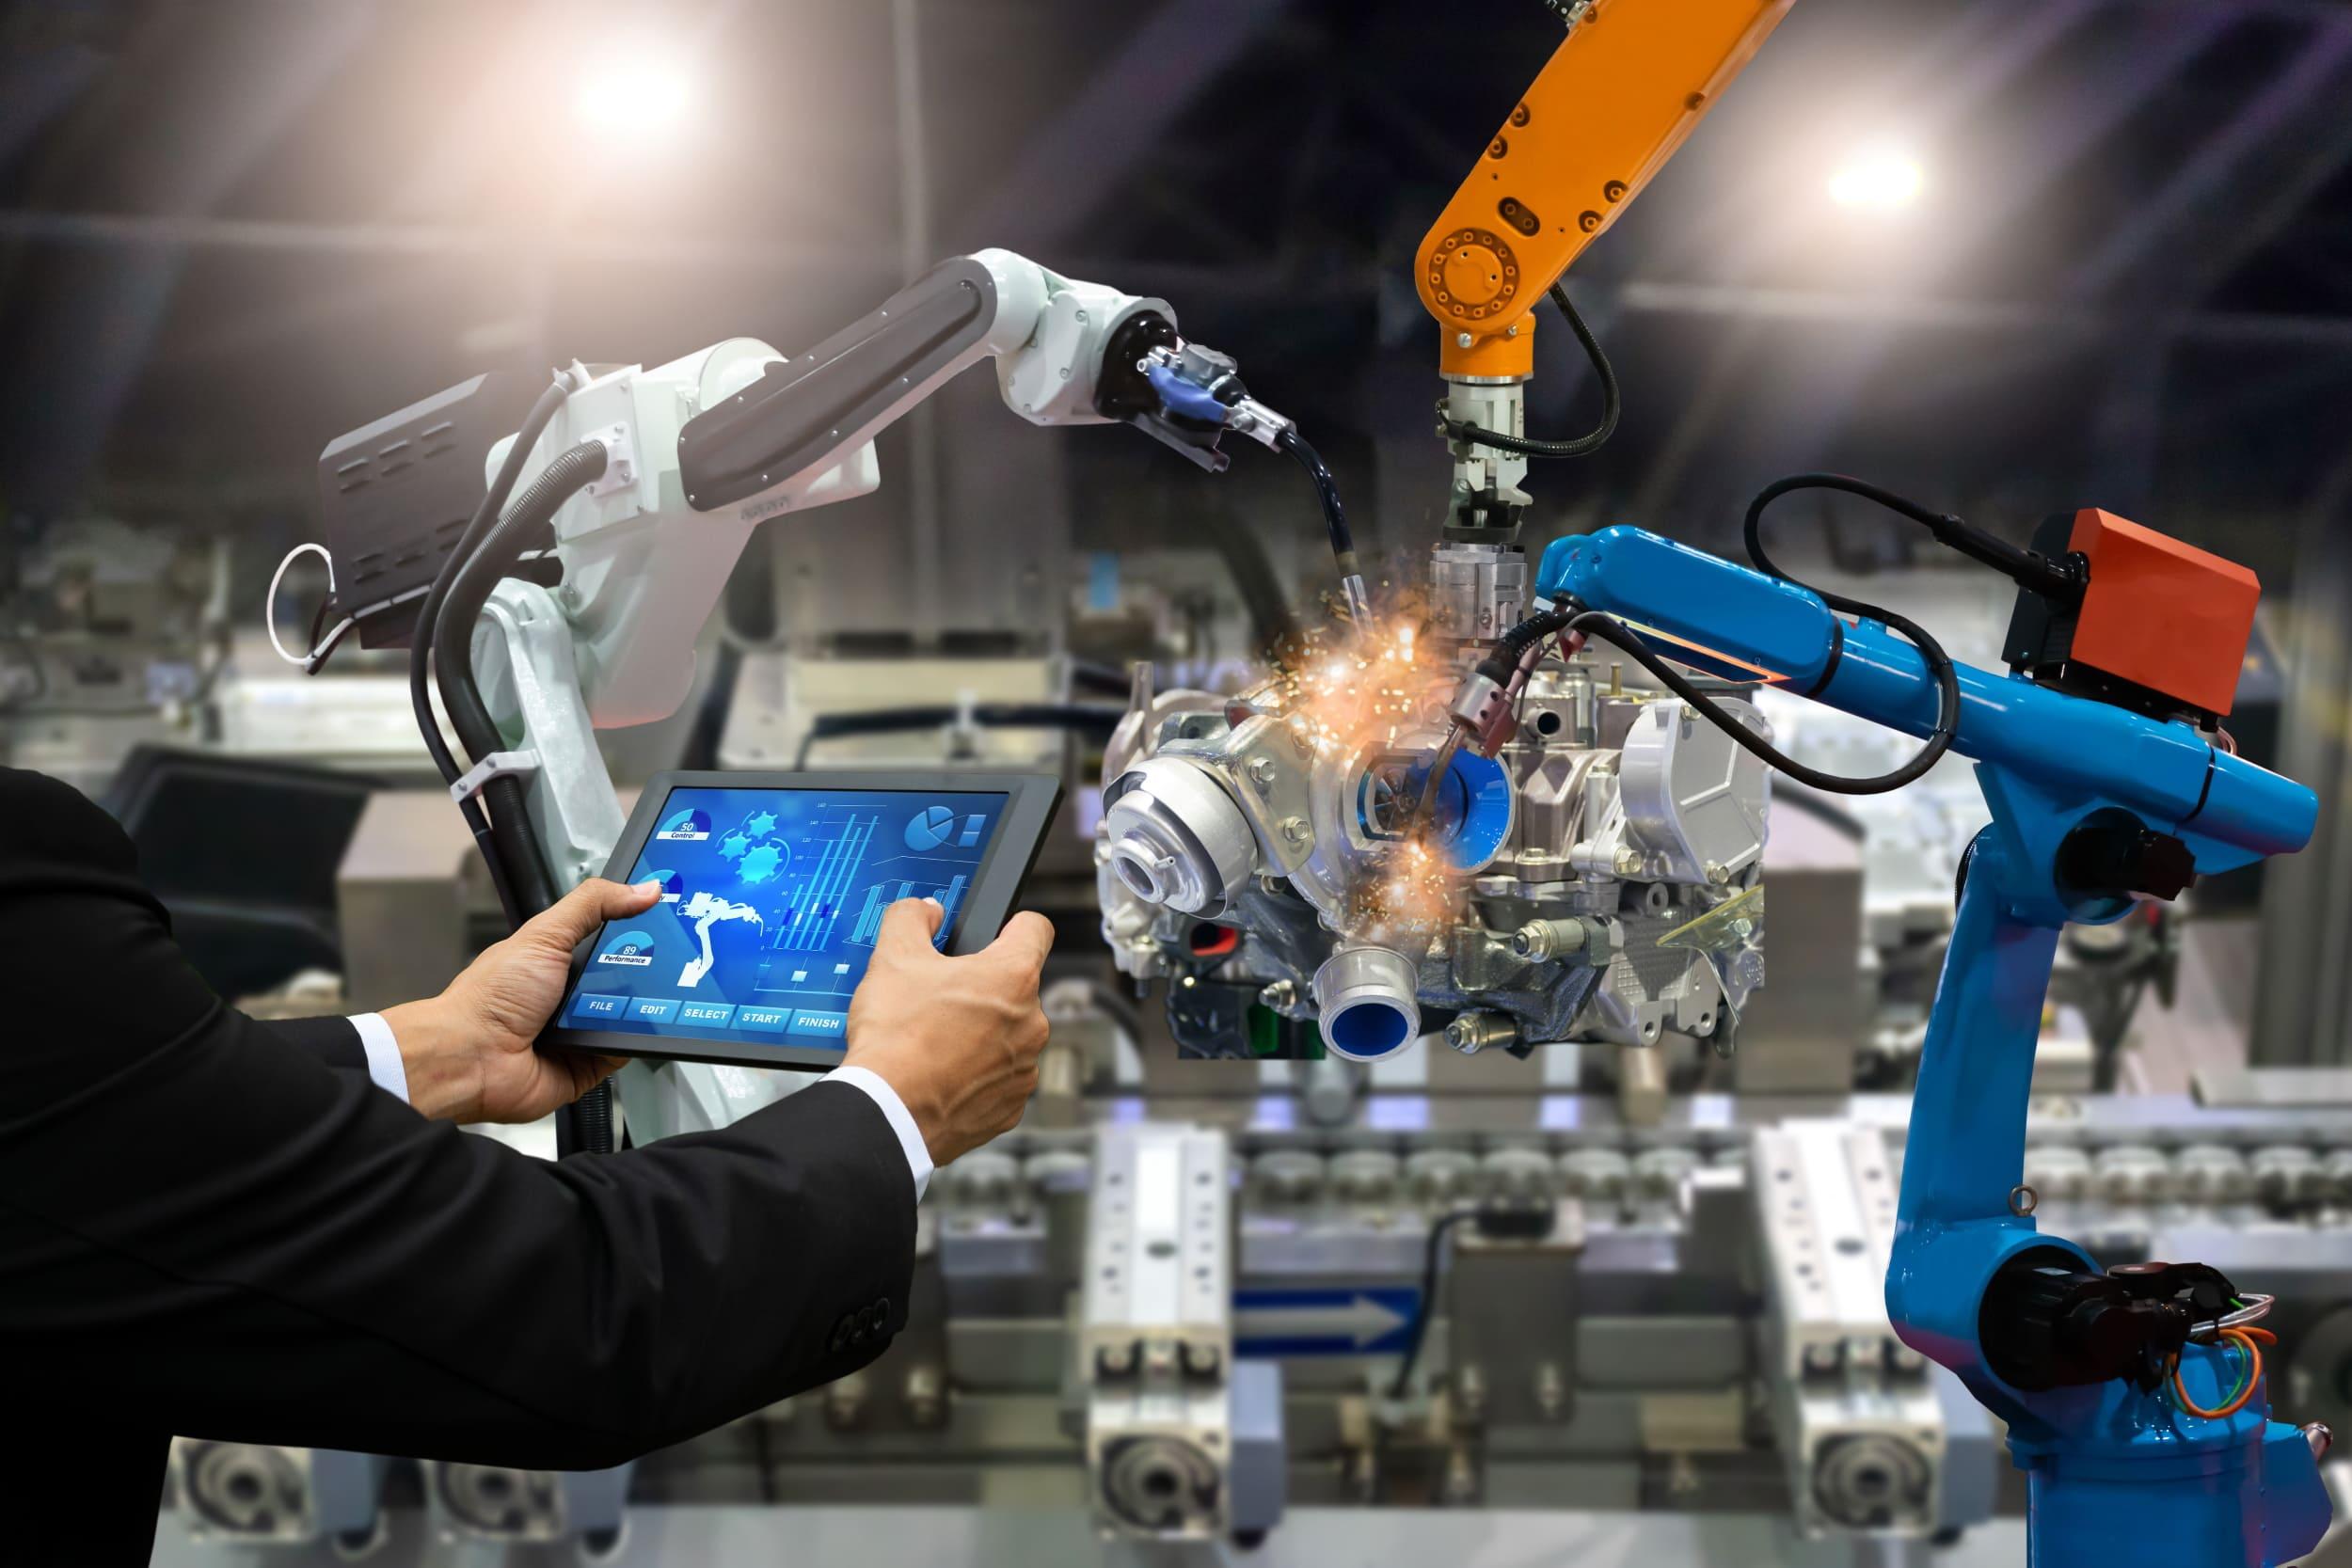 Robots industriales controlados desde una tablet